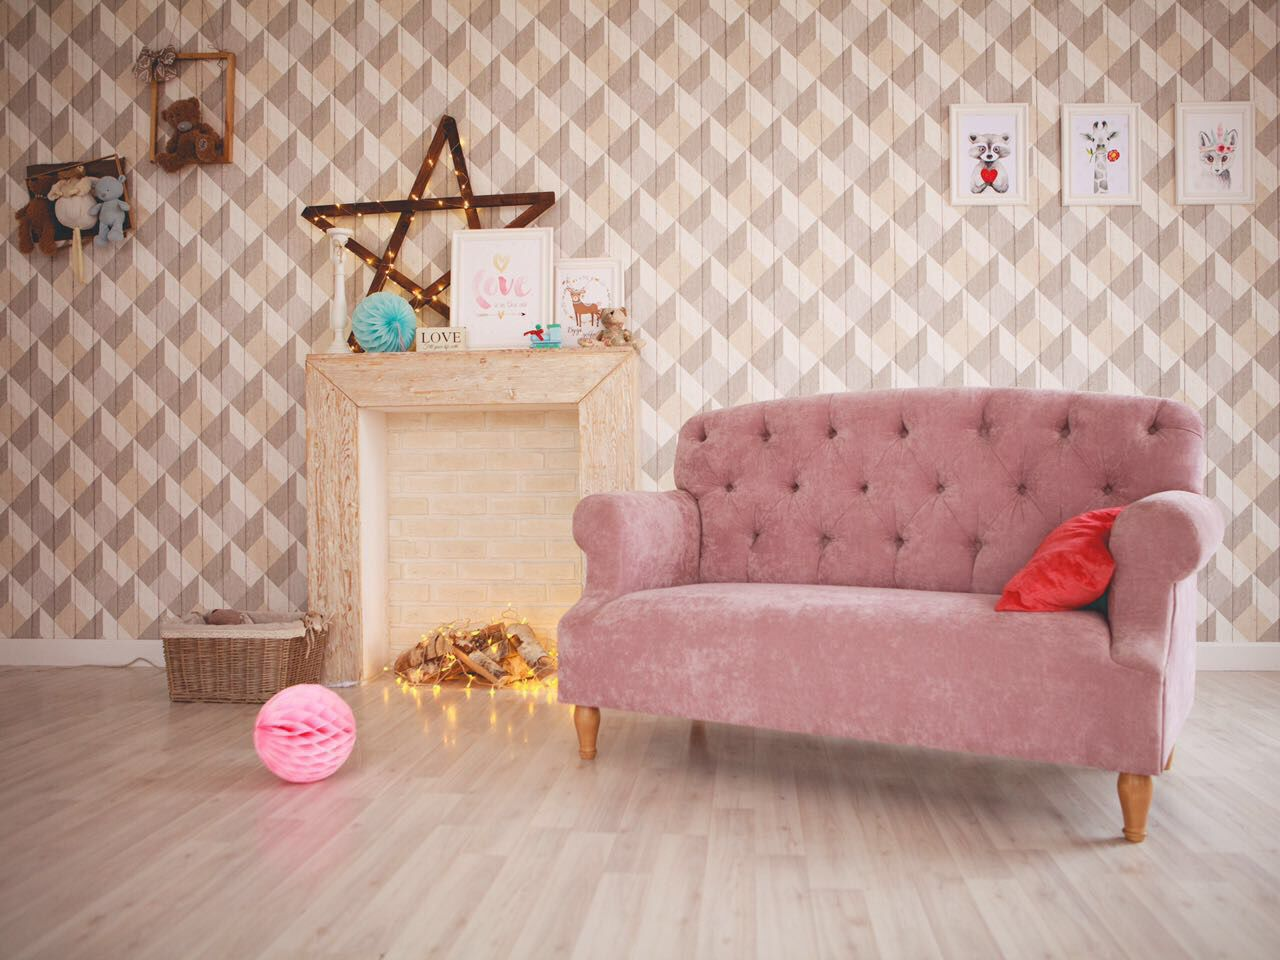 Розовый диван в пастельном оттенке